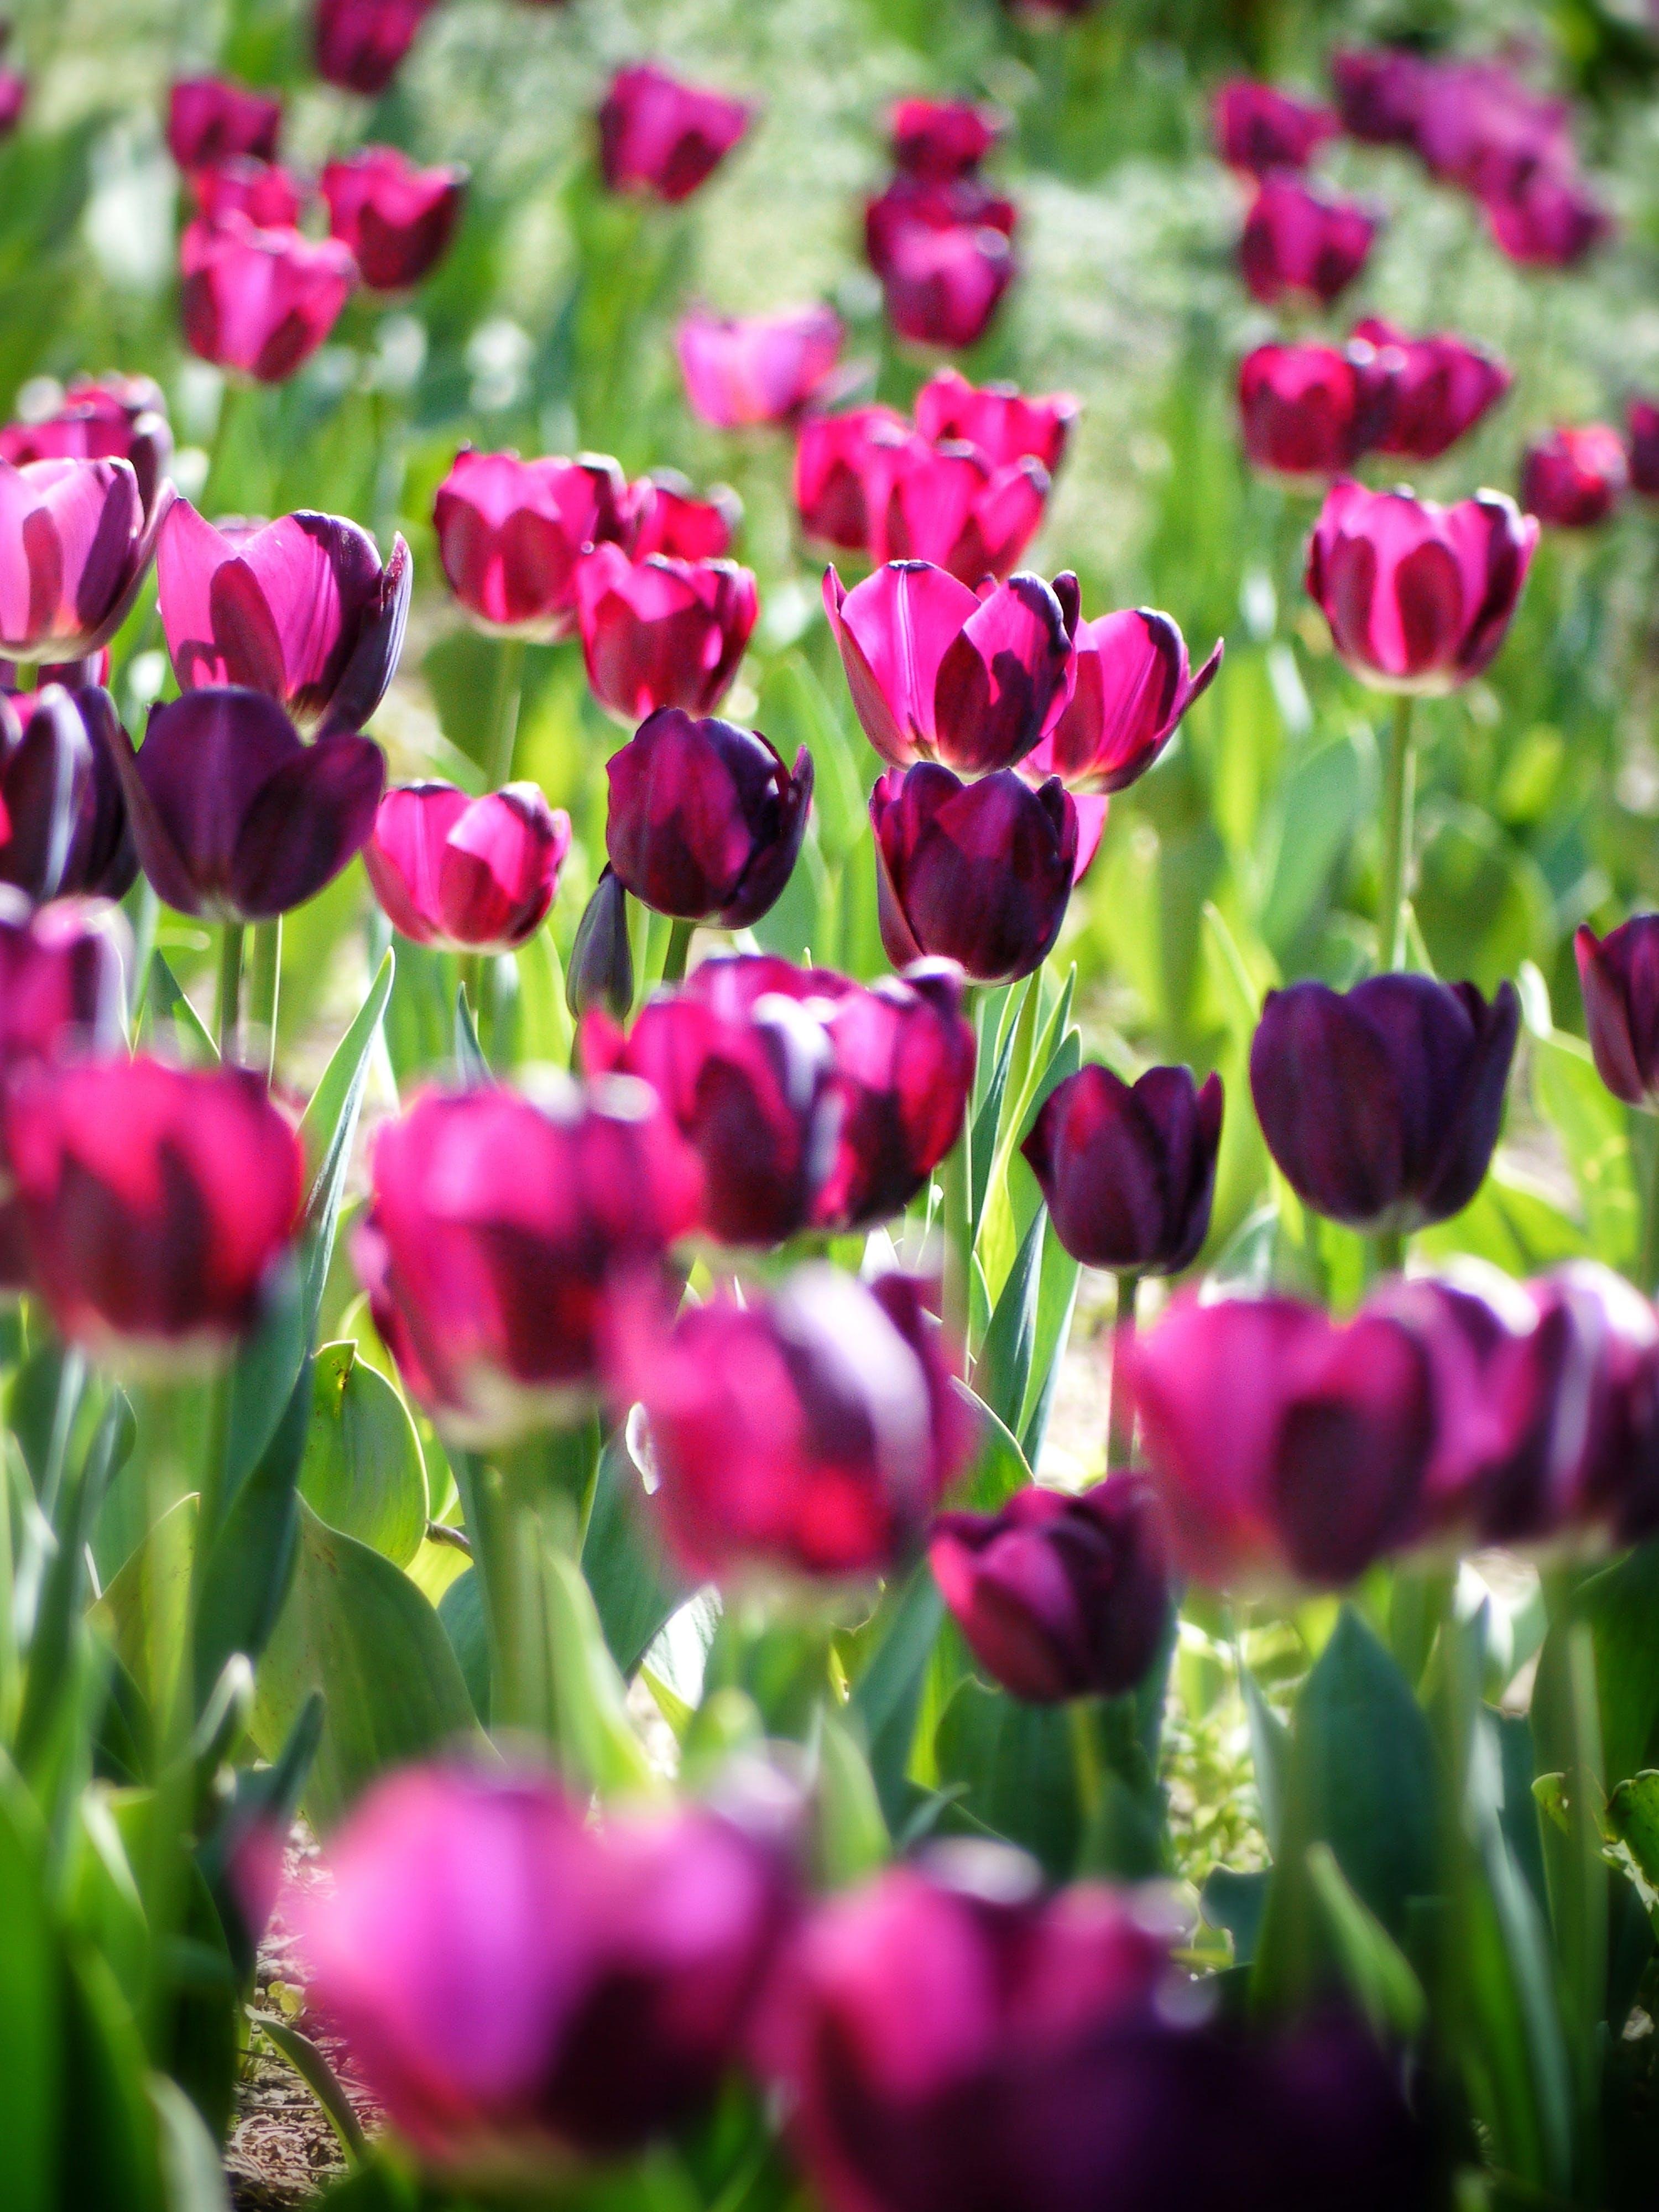 Gratis lagerfoto af baglygte, blomster, blomstrende, dybde